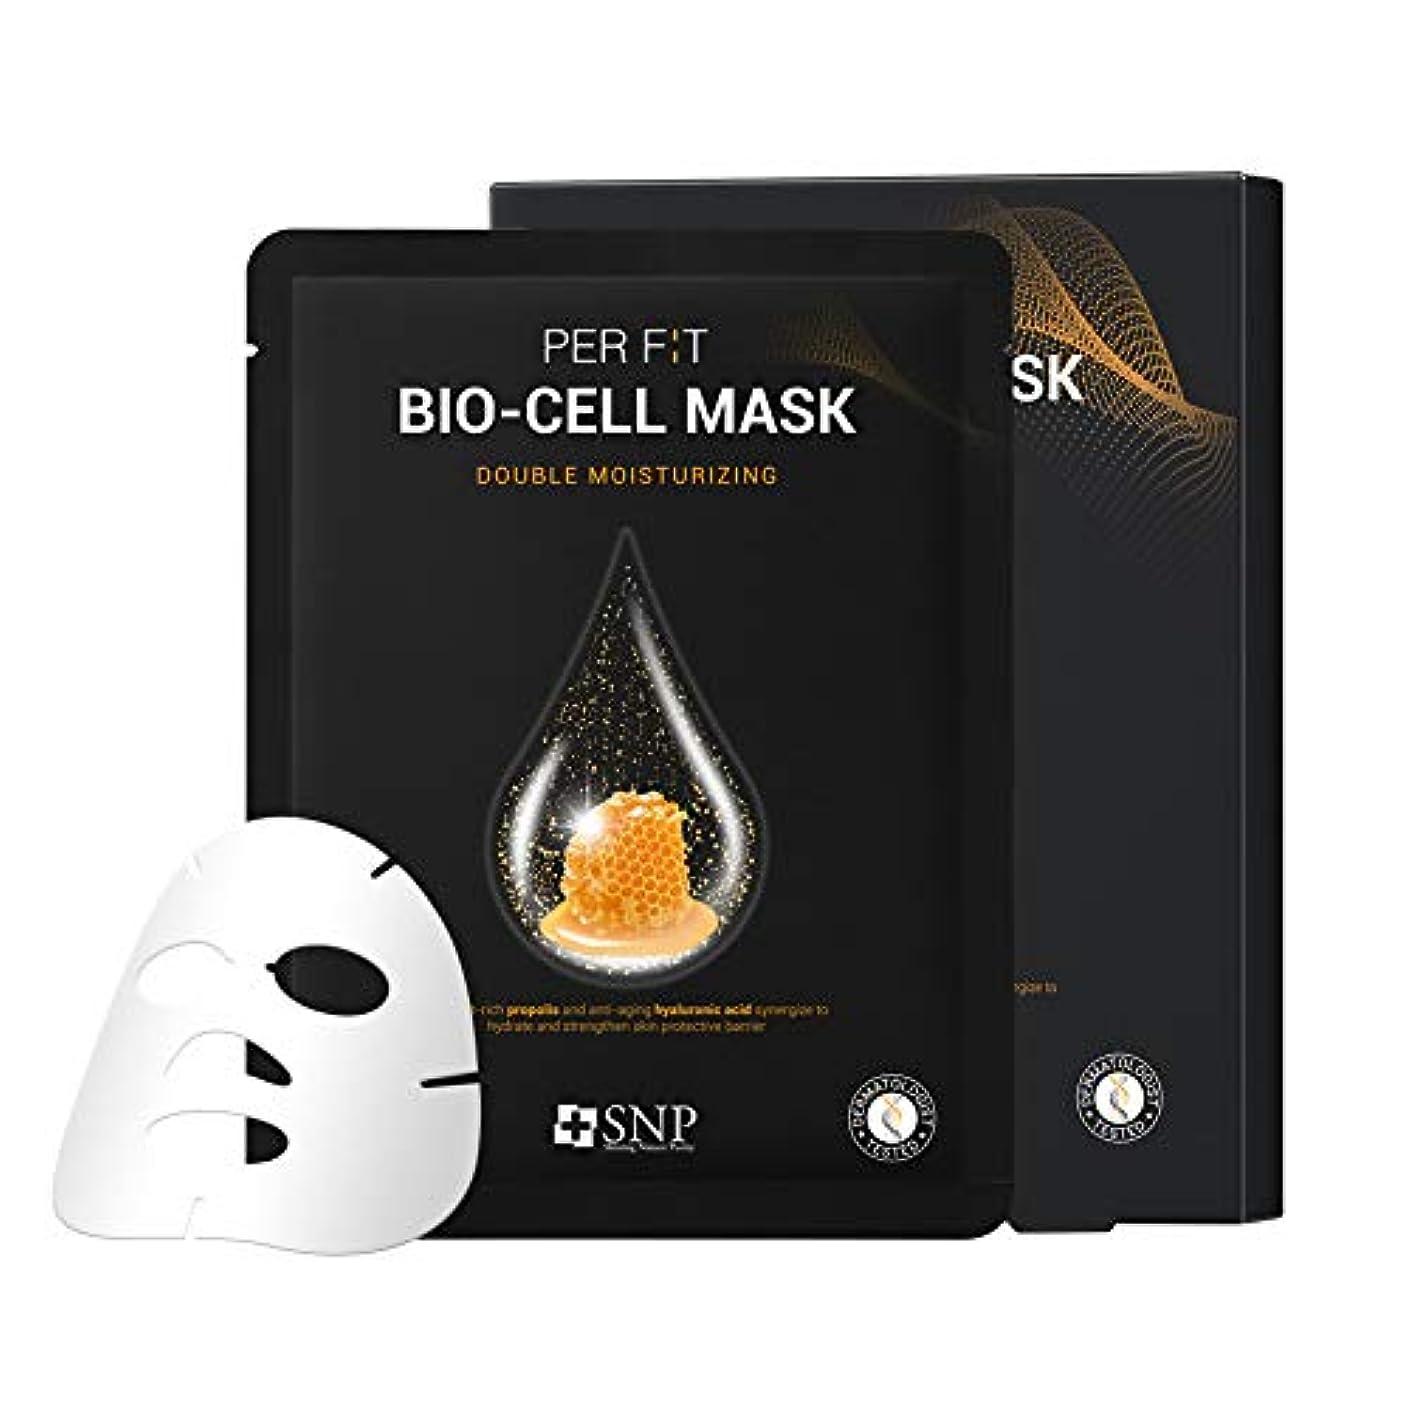 シール批判する選択【SNP公式】パーフィット バイオセルマスク ダブルモイスチャライジング 5枚セット / F:T BIO-CELL MASK DOUBLE MOISTURIZING 韓国パック 韓国コスメ パック マスクパック シートマスク 高機能